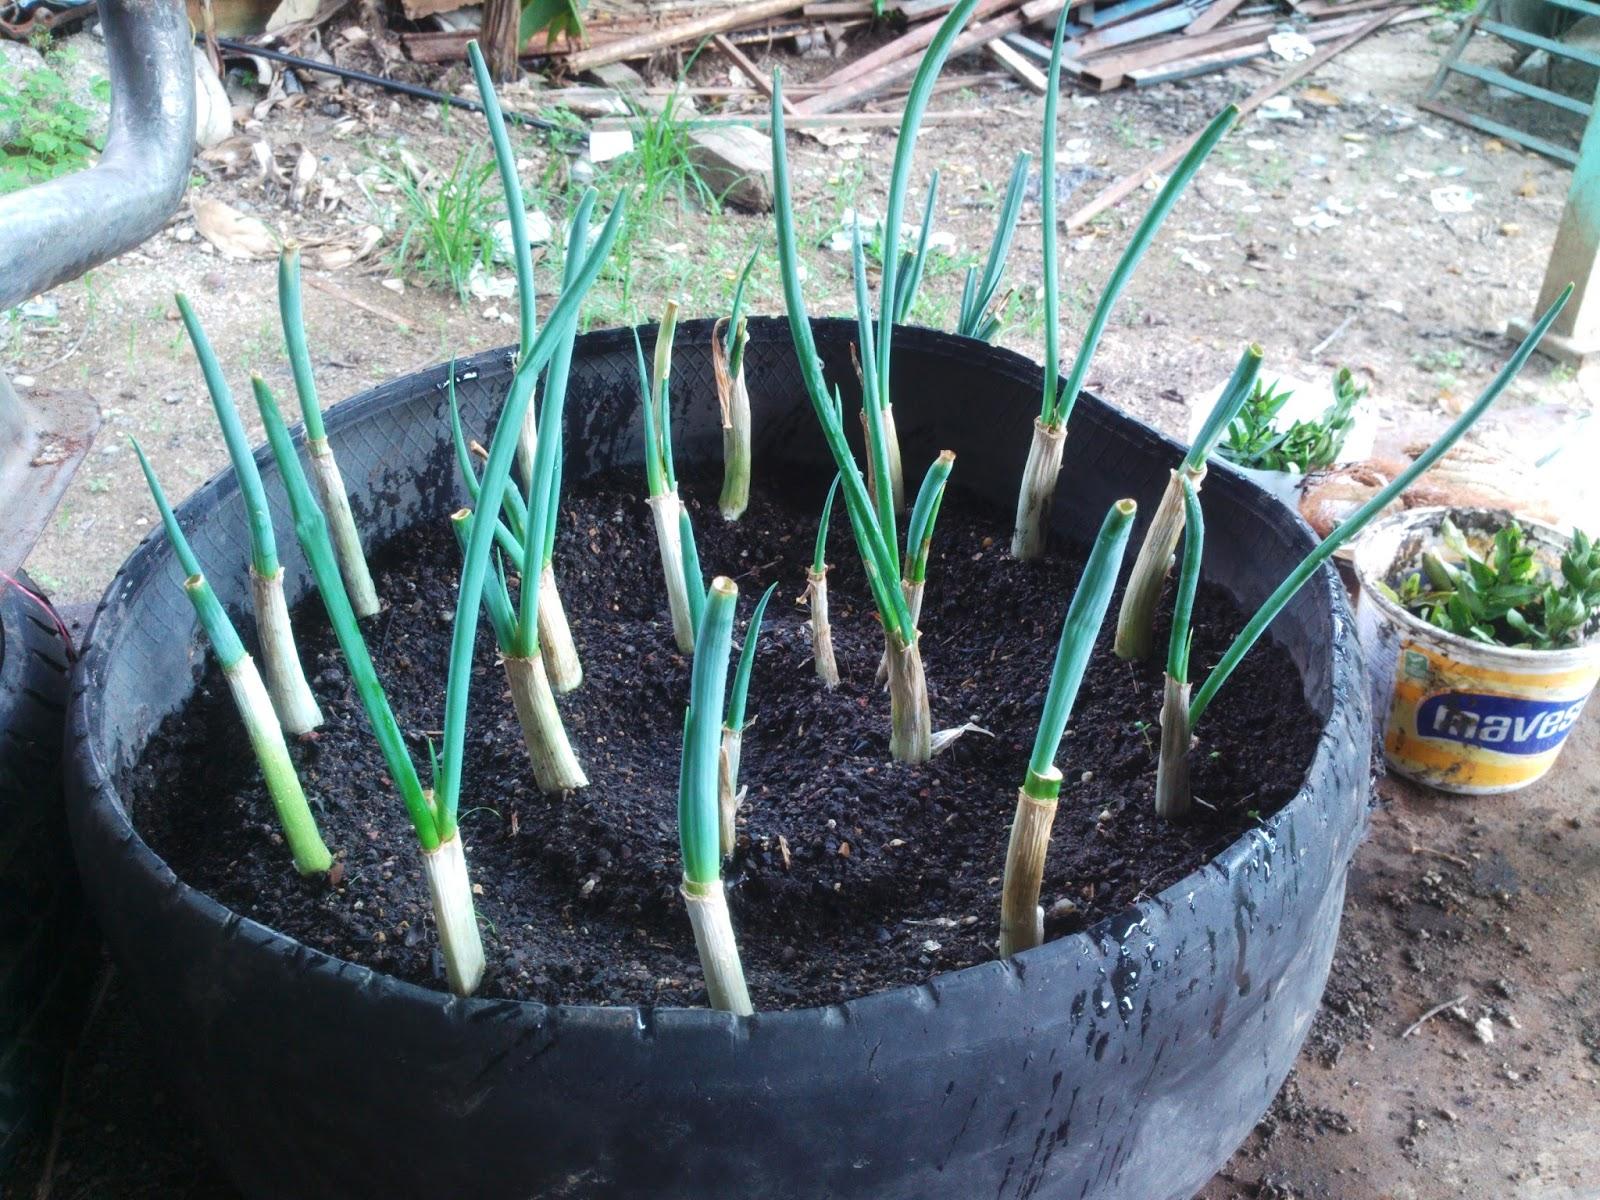 cultivo de cebollin en huerto familiar de ray avance 3 On siembra de cebollin en huertos